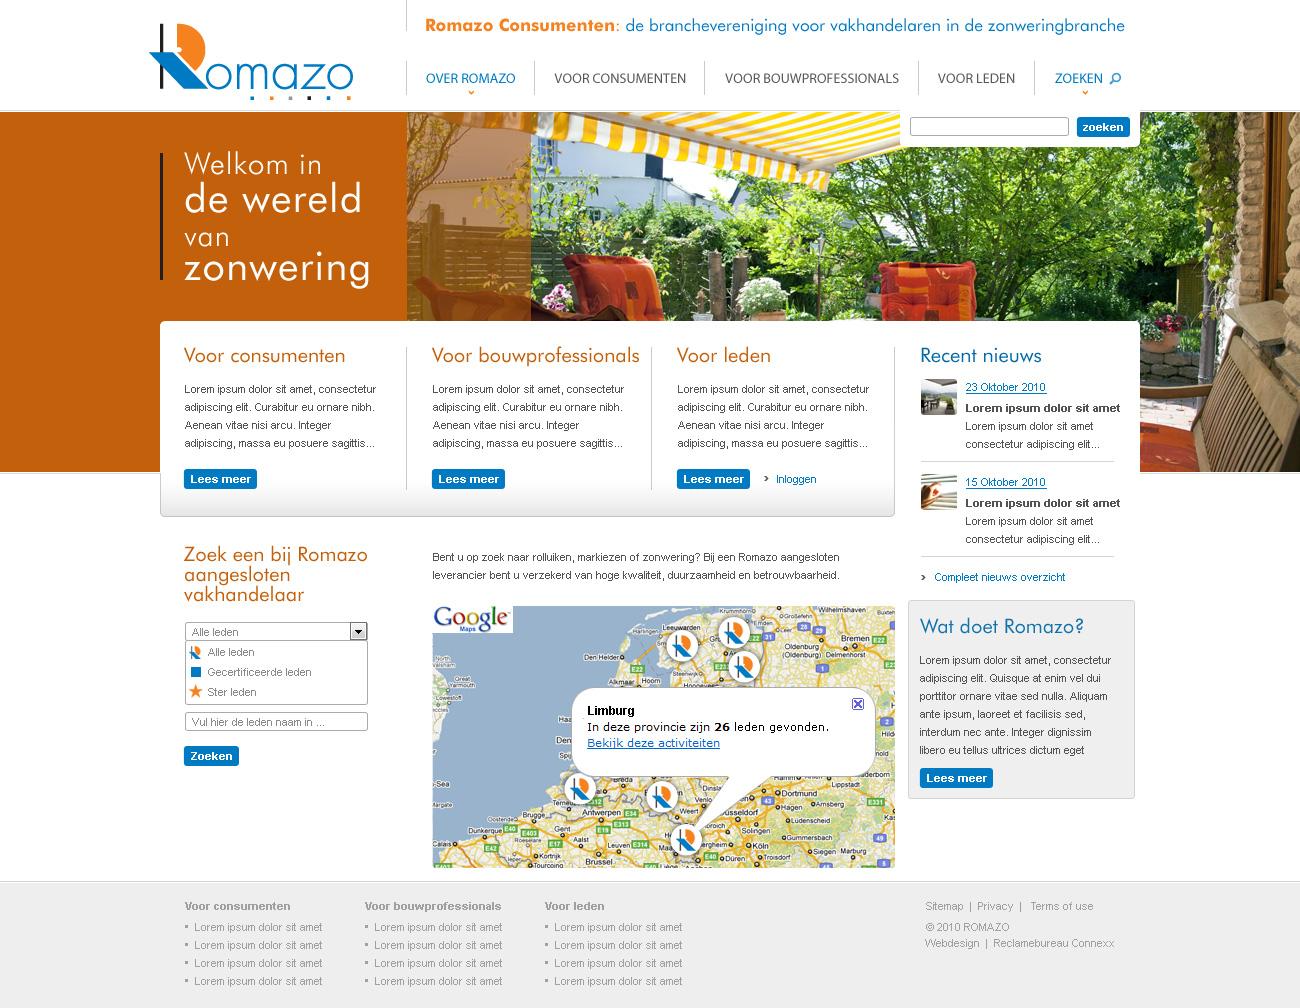 webdesignbureau.nl-webdesign-portfolio-romazo-website